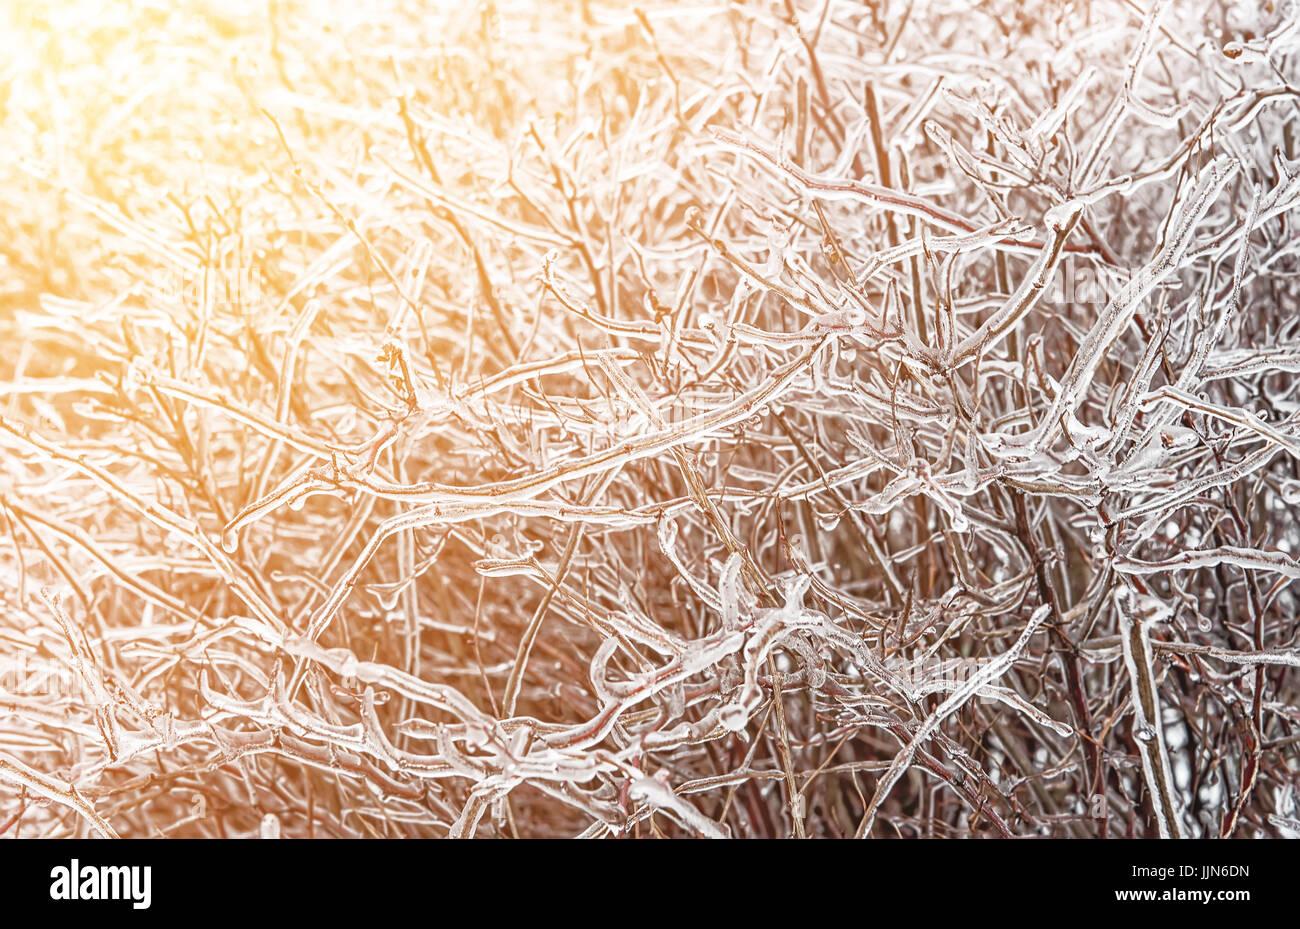 La lluvia helada es un fenómeno natural en el arbusto en día de ...